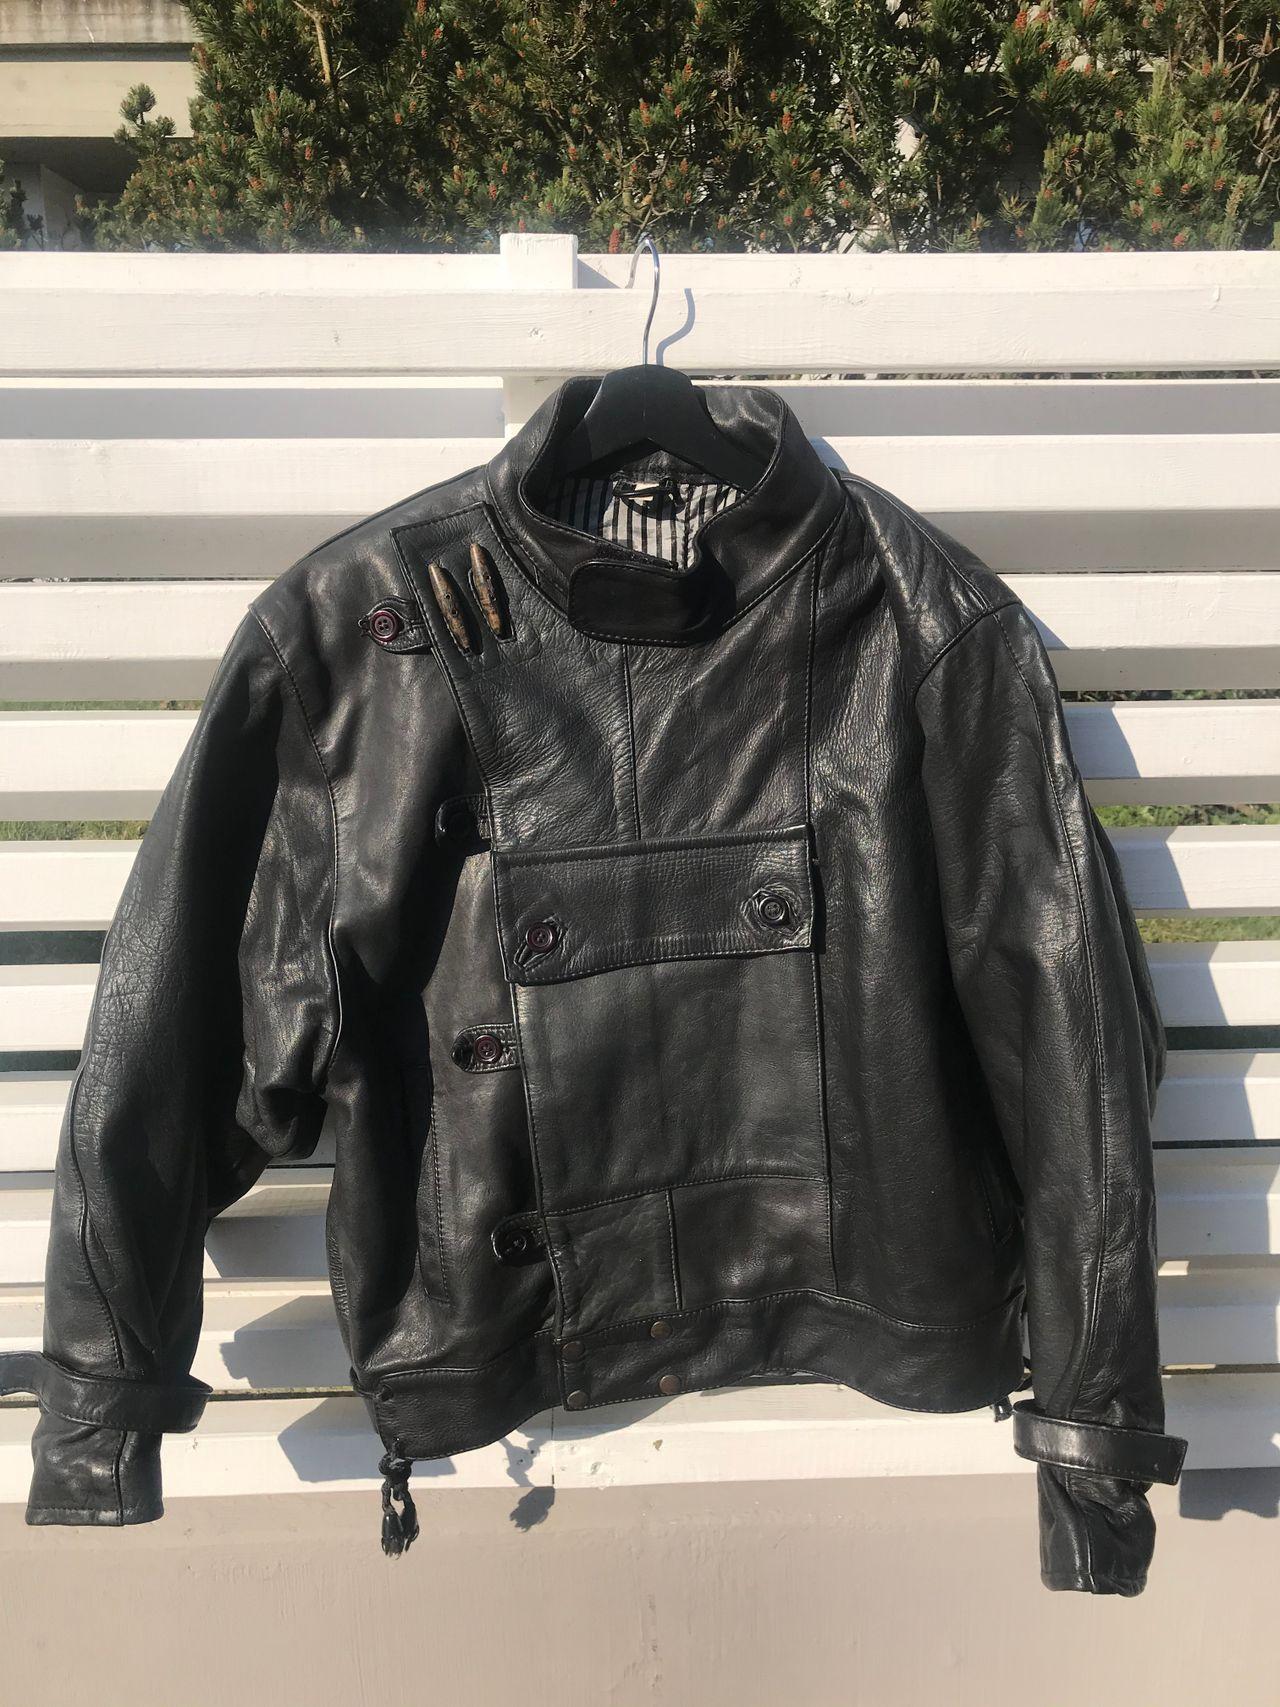 Skinn jakke med Kjøpe, selge og utveksle annonser finn den